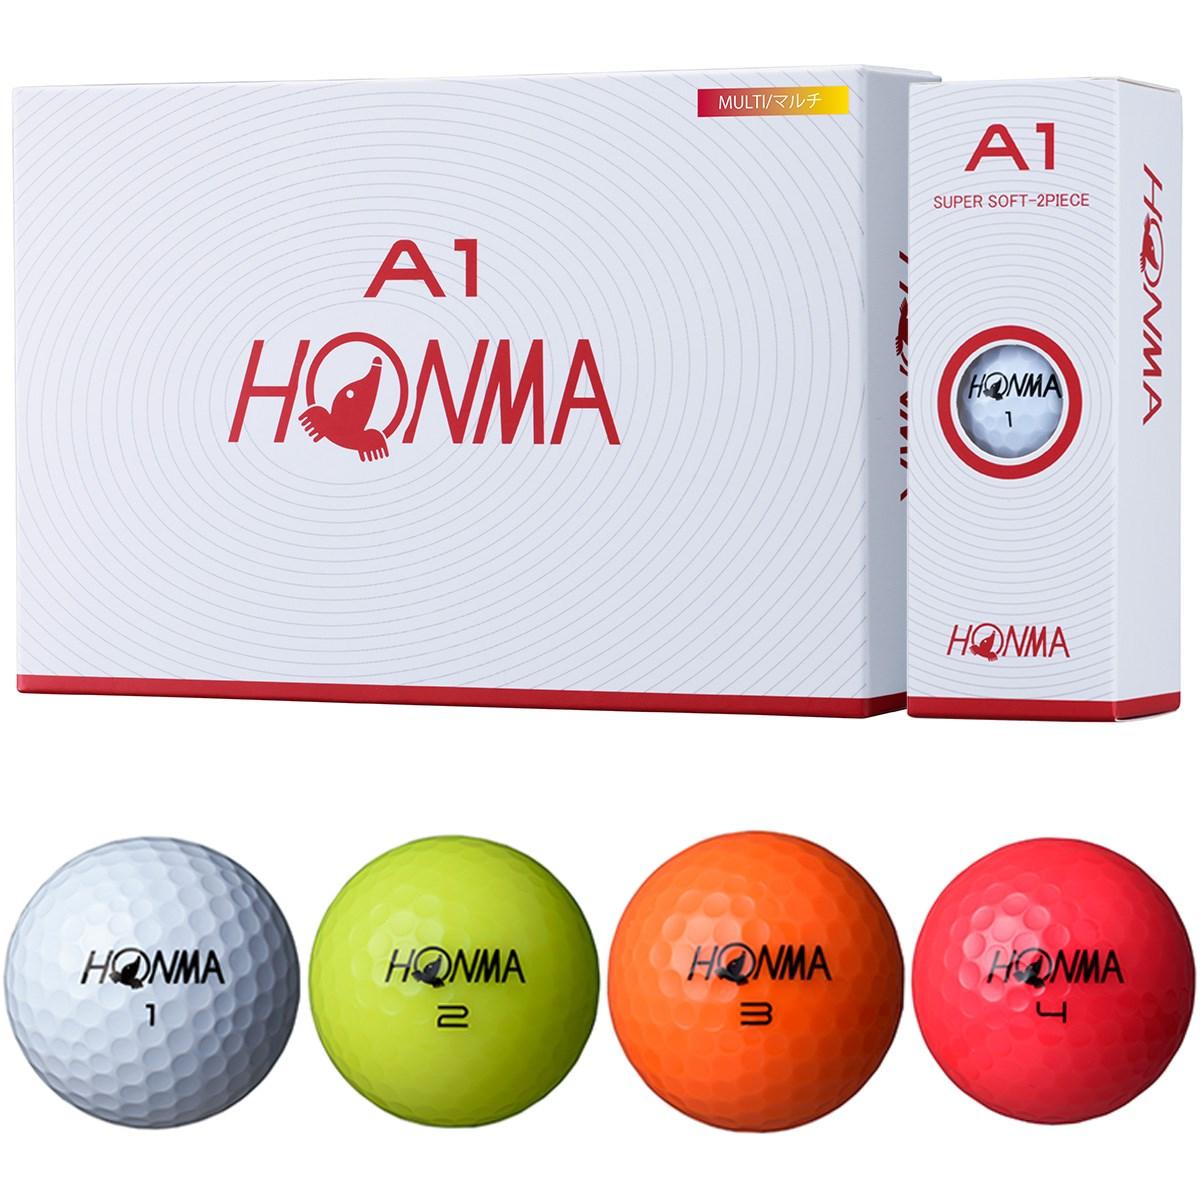 本間ゴルフ HONMA A1 ボール 1ダース(12個入り) マルチ